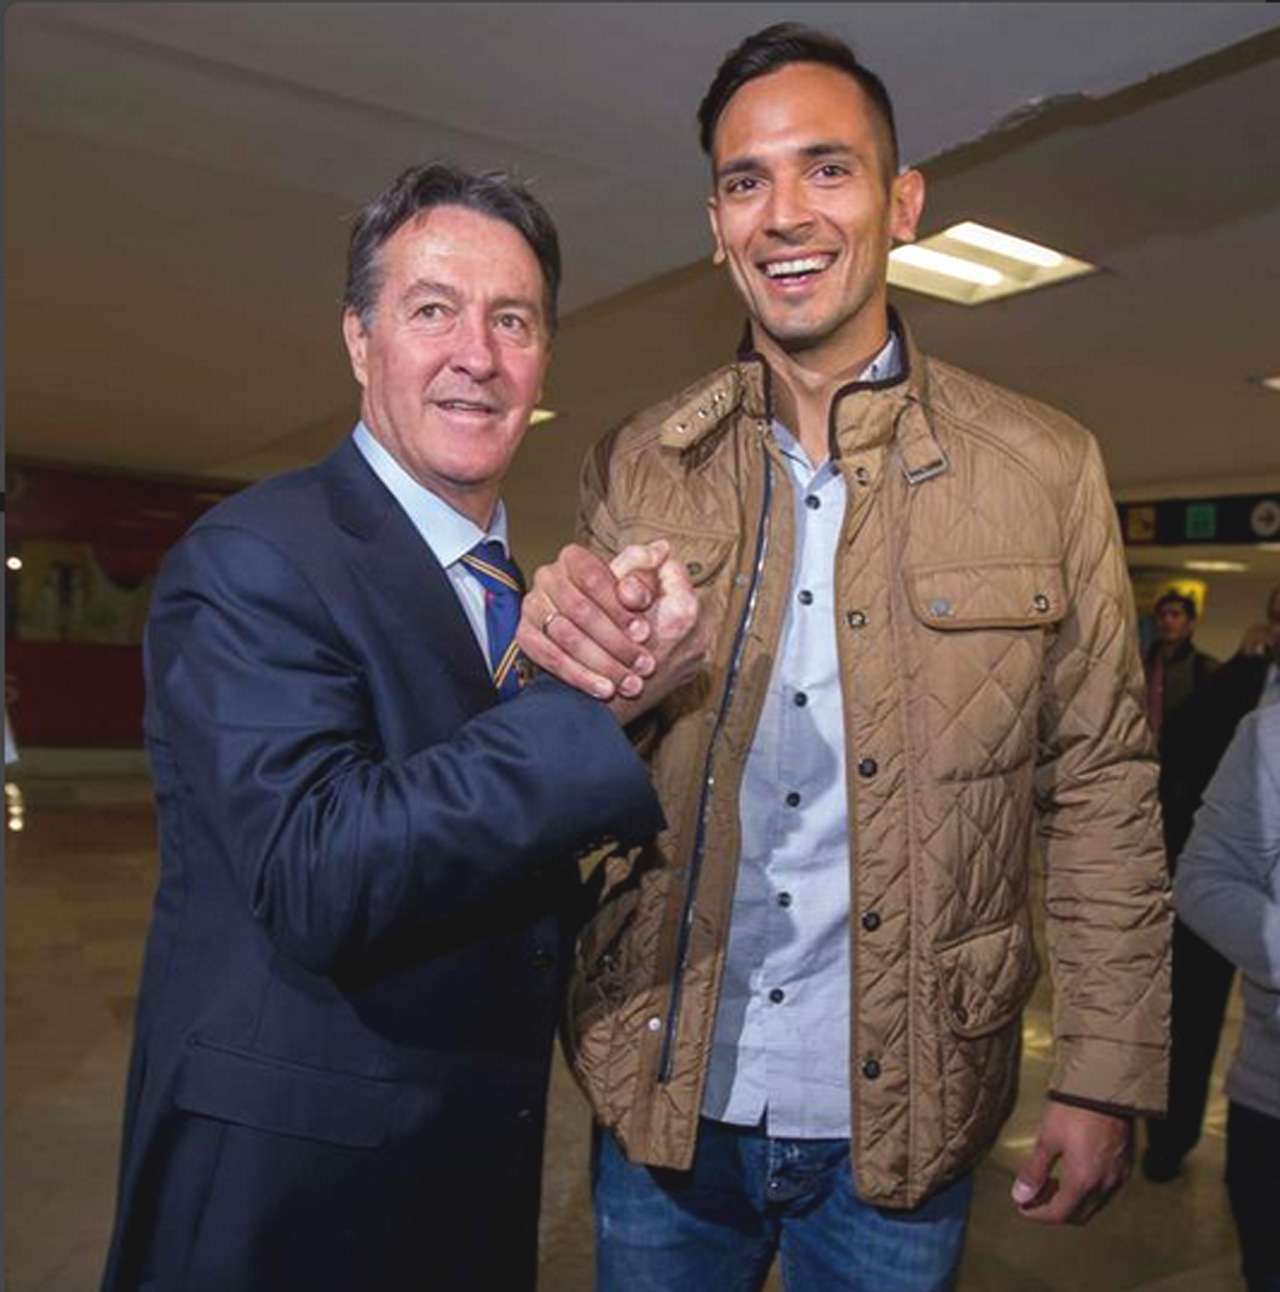 Agustín Manzo y Roque Santa Cruz estrechan la mano. Foto: Récord